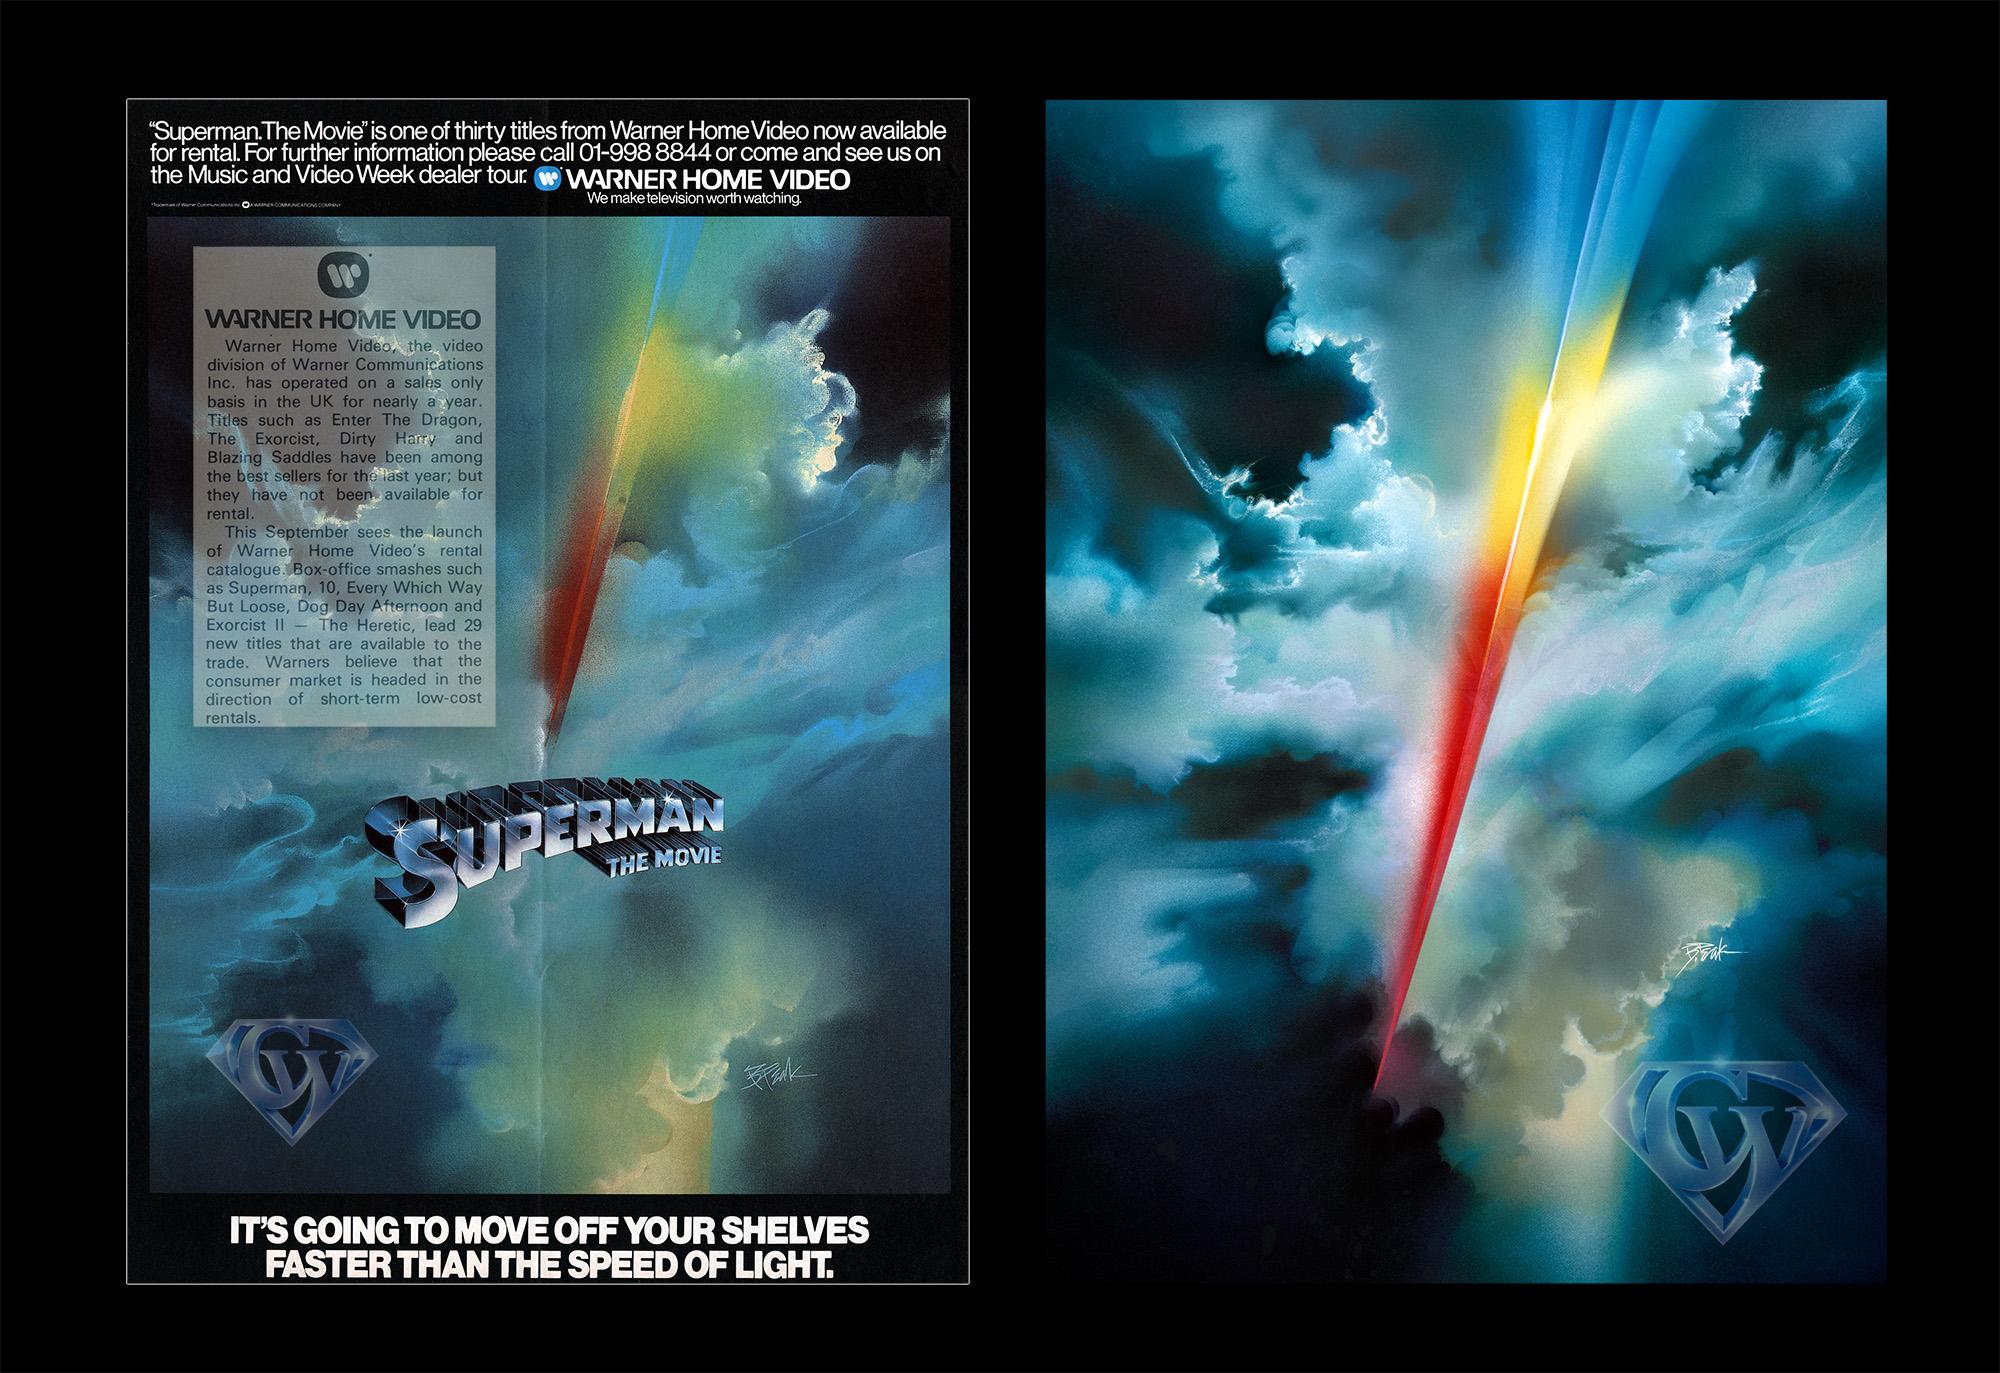 Music Video Week Sept 21 81 Peak alternate art